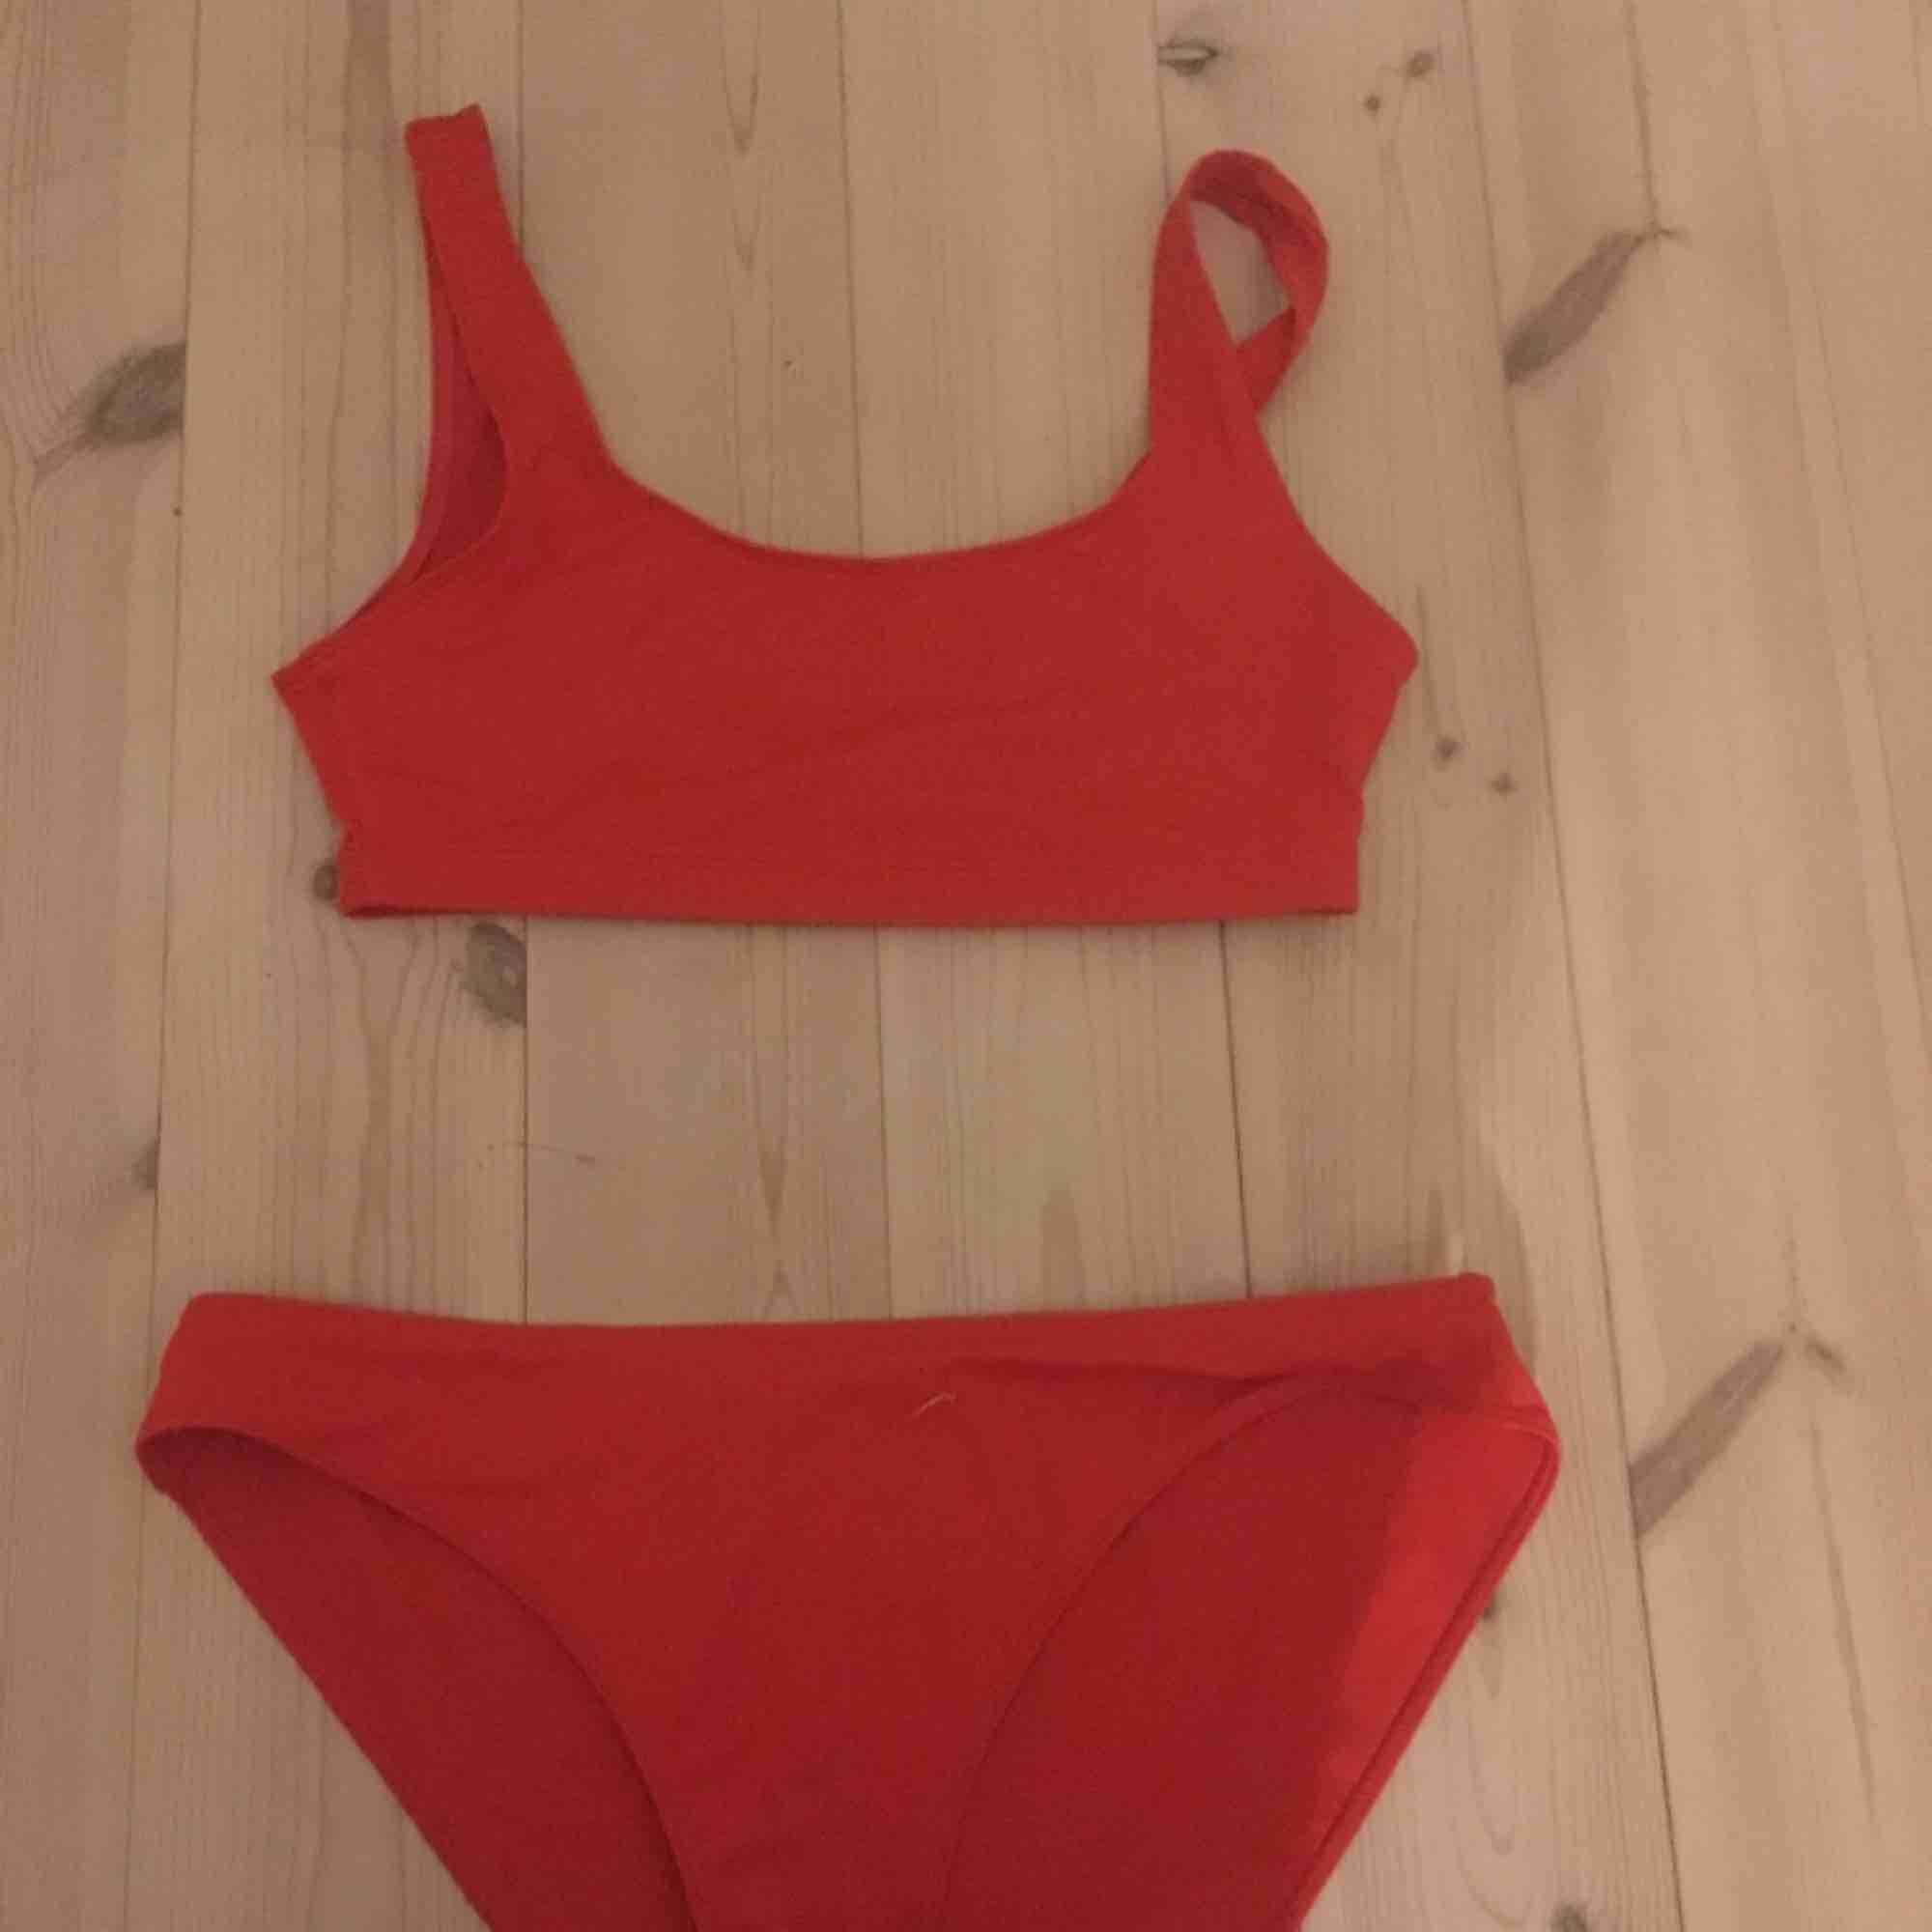 Röd bikini från monki aldrig använd. Underdelen är i M och överdelen i S, underdelen passar mig som oftast har S. Jättefina på, en del för 60kr båda för 100kr. Köpare står för frakt kan även mötas upp i uppsala. Övrigt.